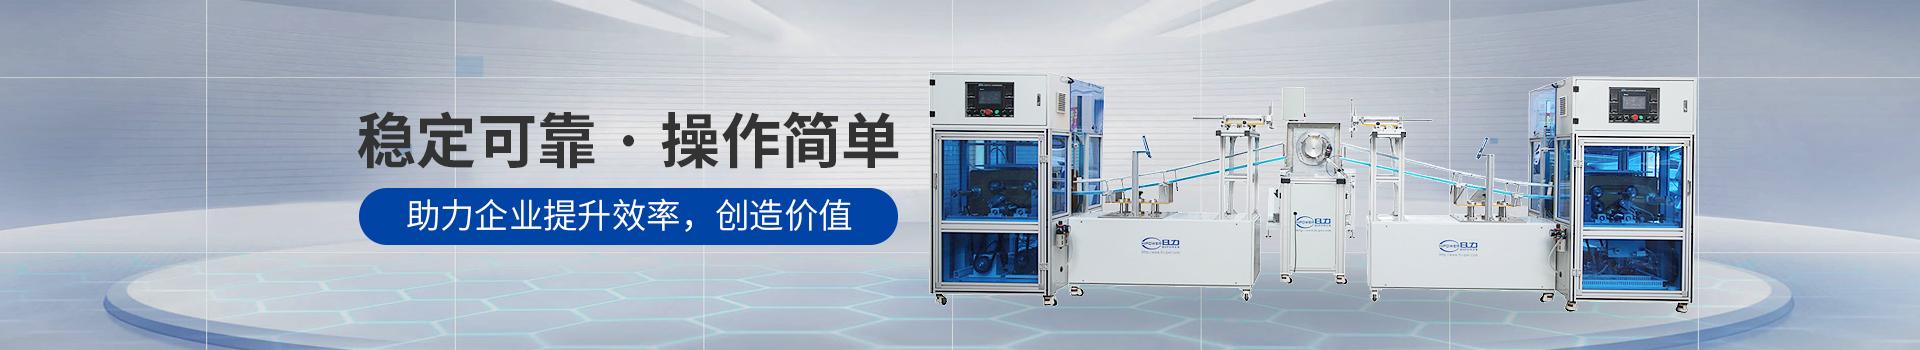 自动化PVC圆筒机-助力企业提升效率,创造价值